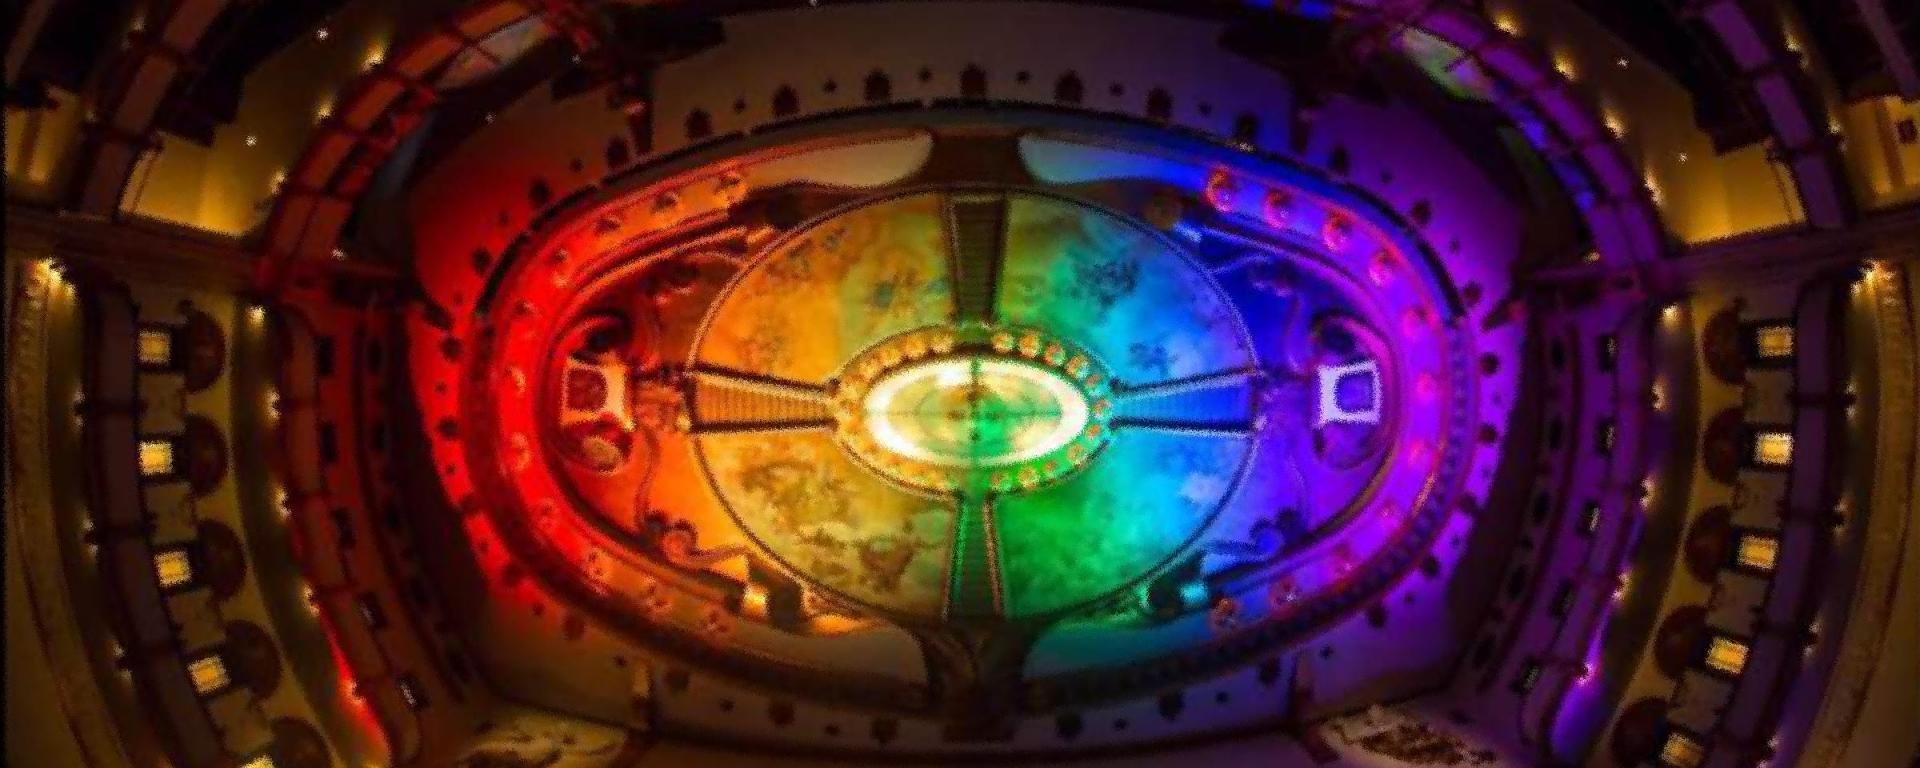 Teatro Esperanza Iris, diverso